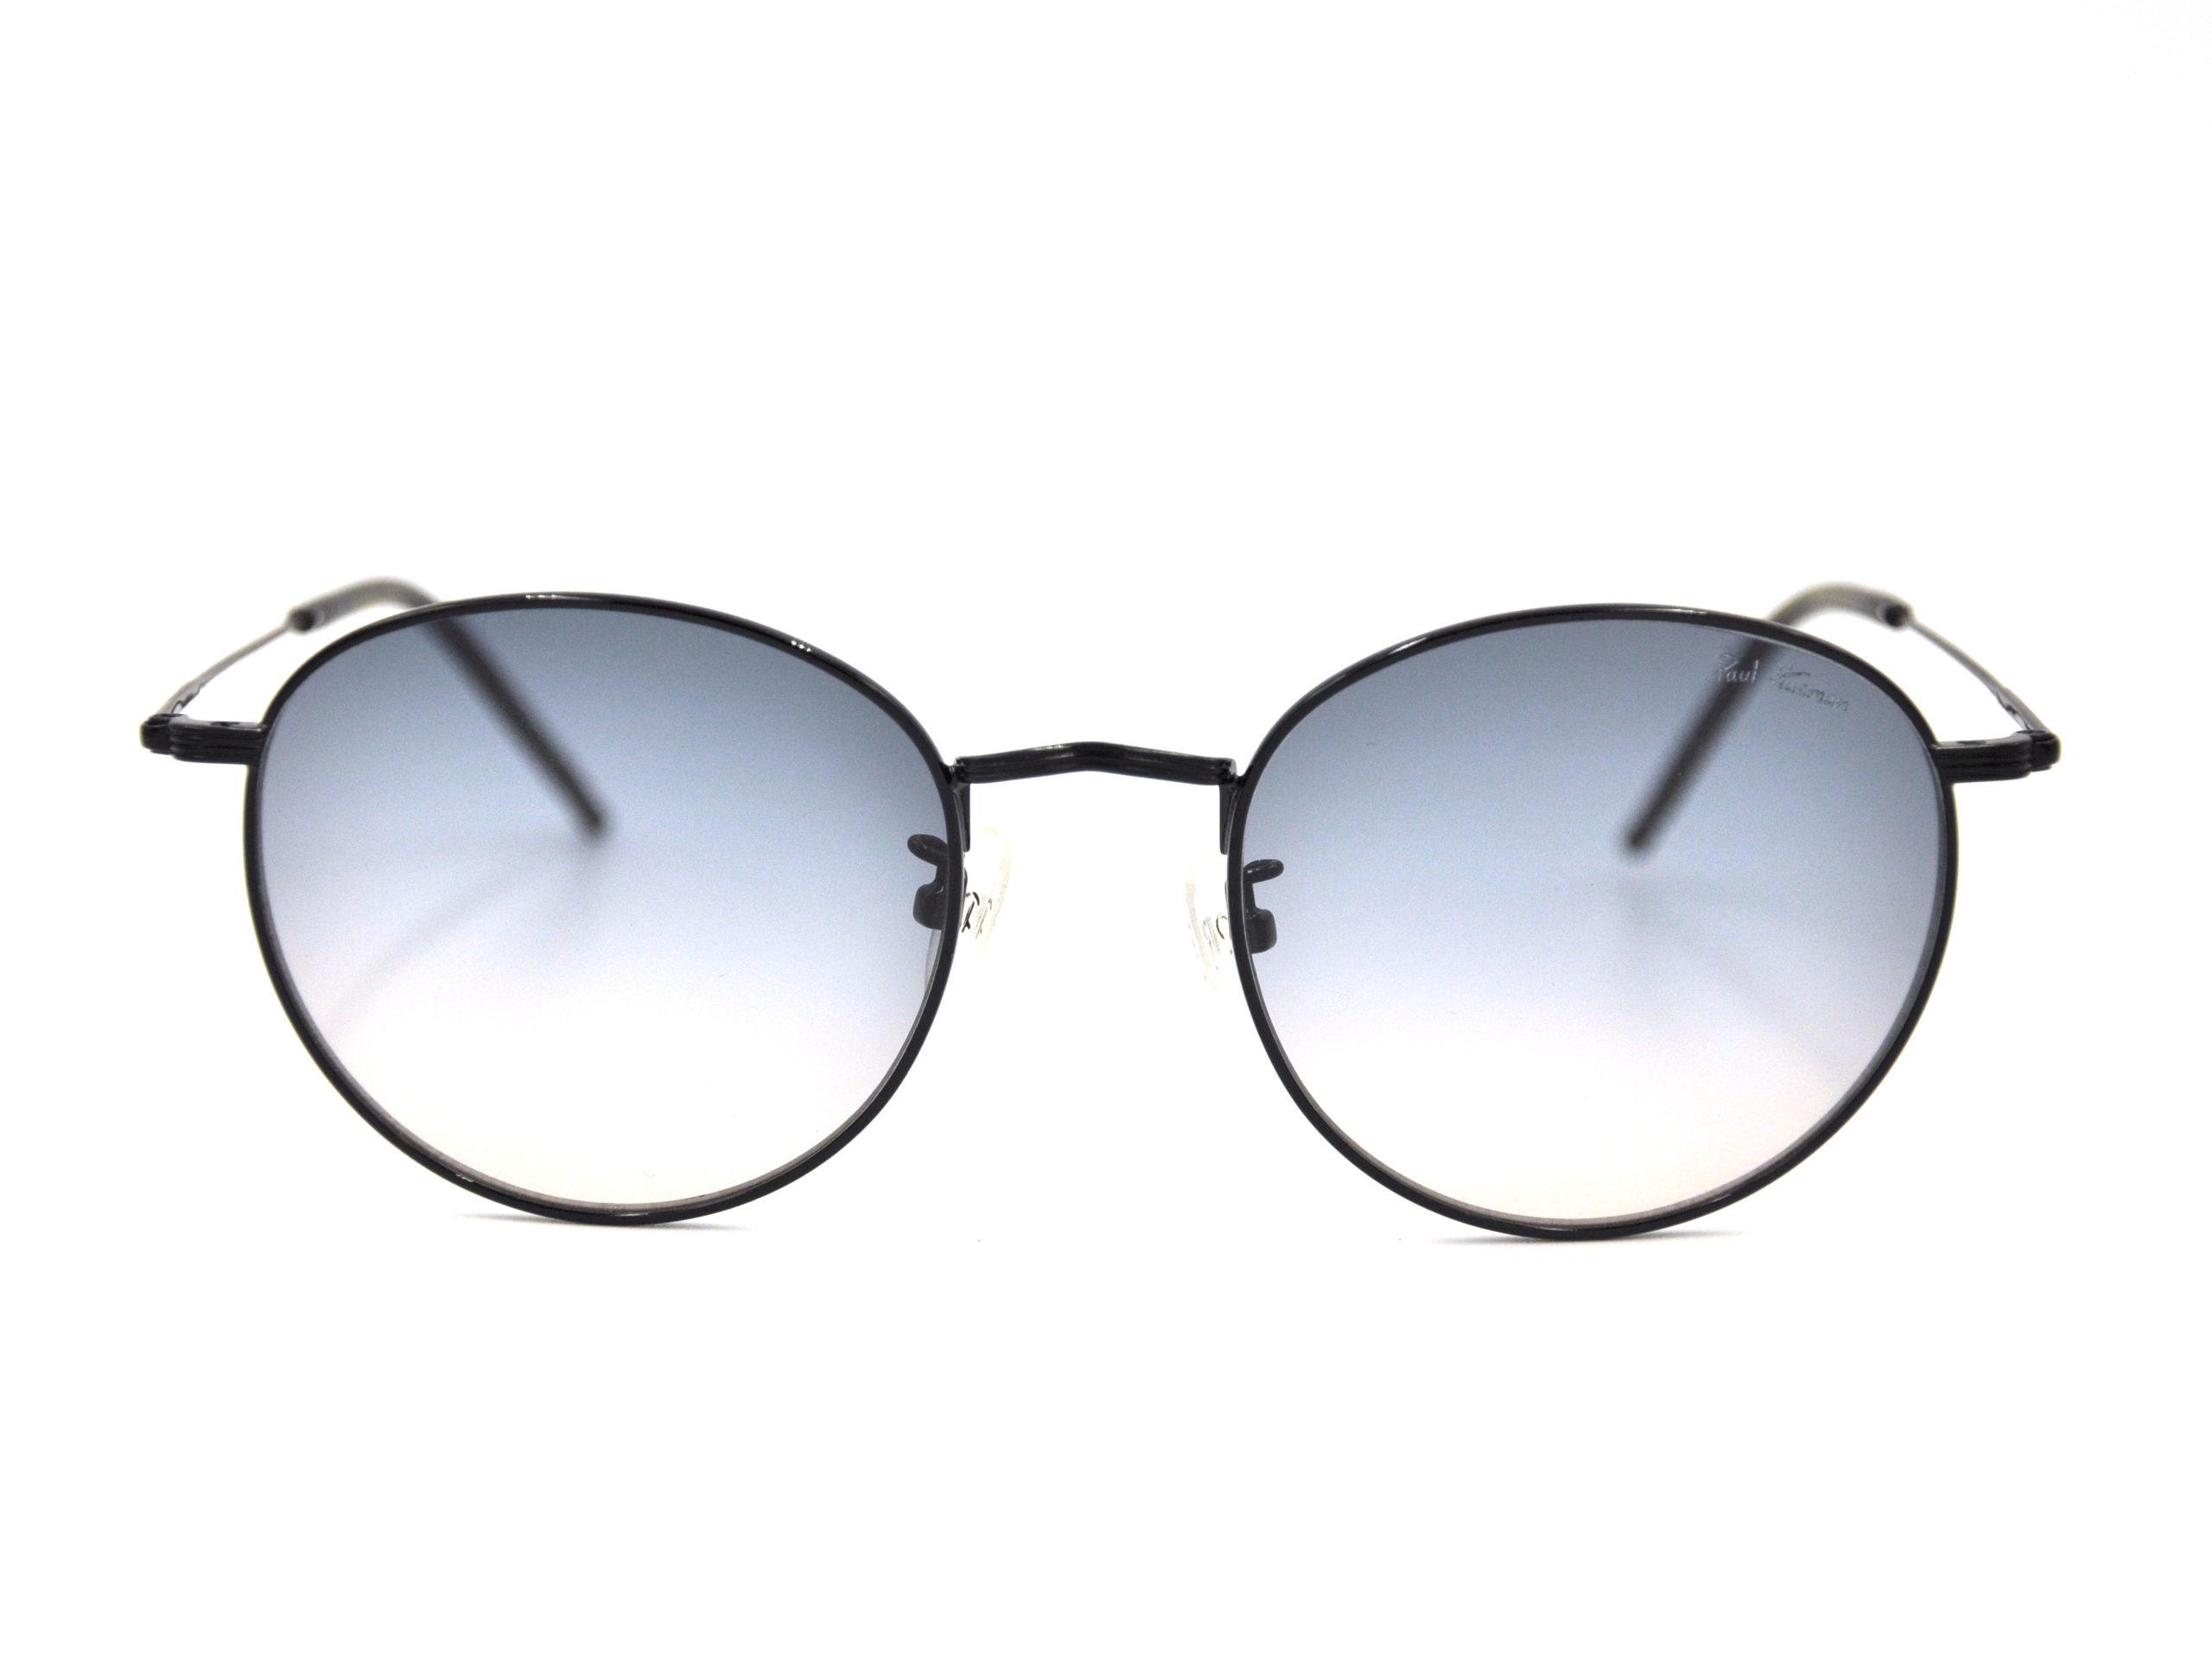 Γυαλιά ηλίου Paul Hueman PHS-924A C05 Πειραιάς